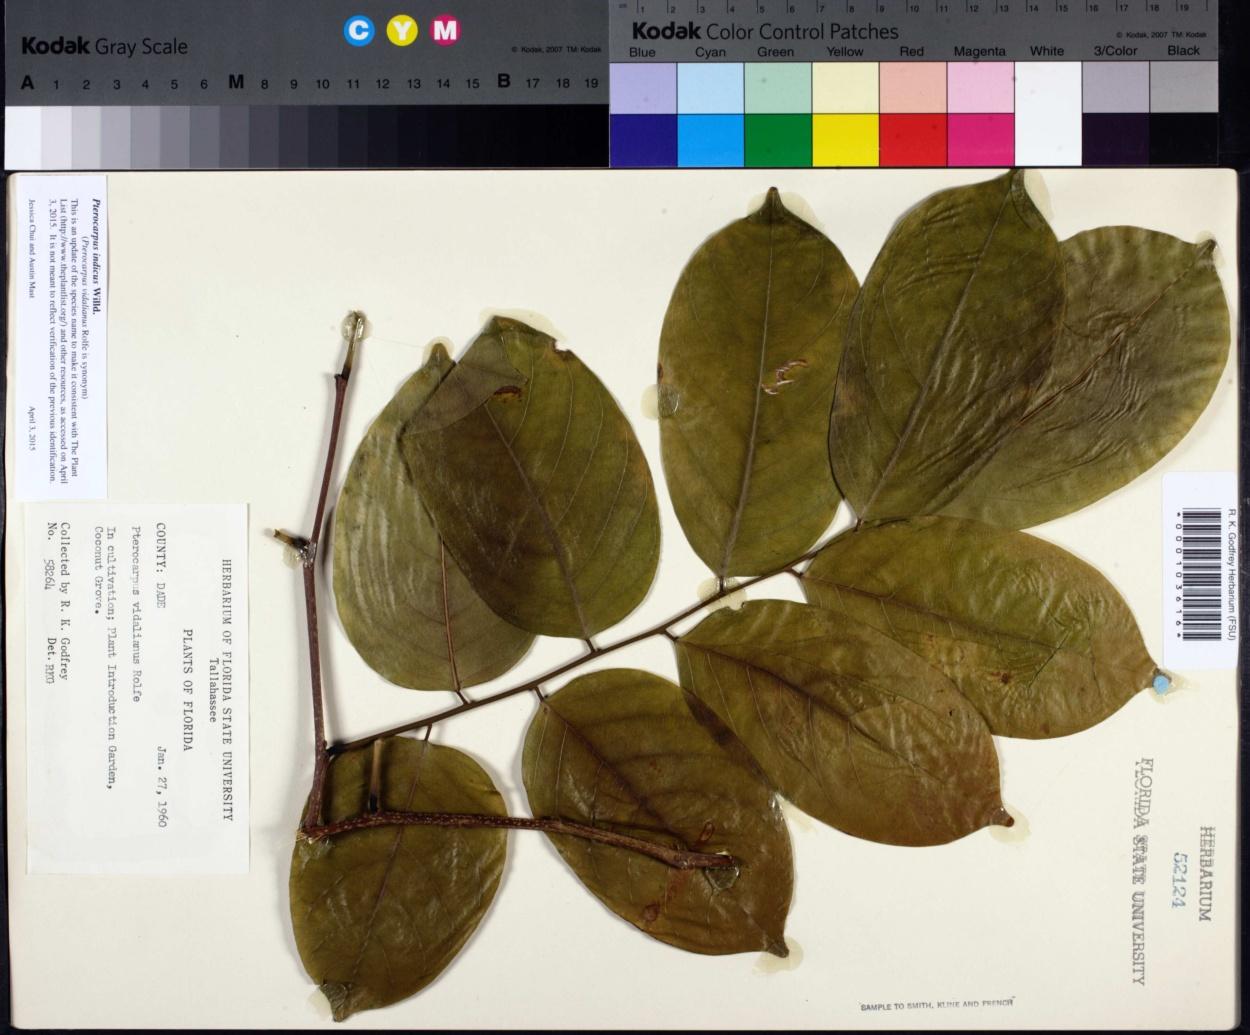 Pterocarpus image